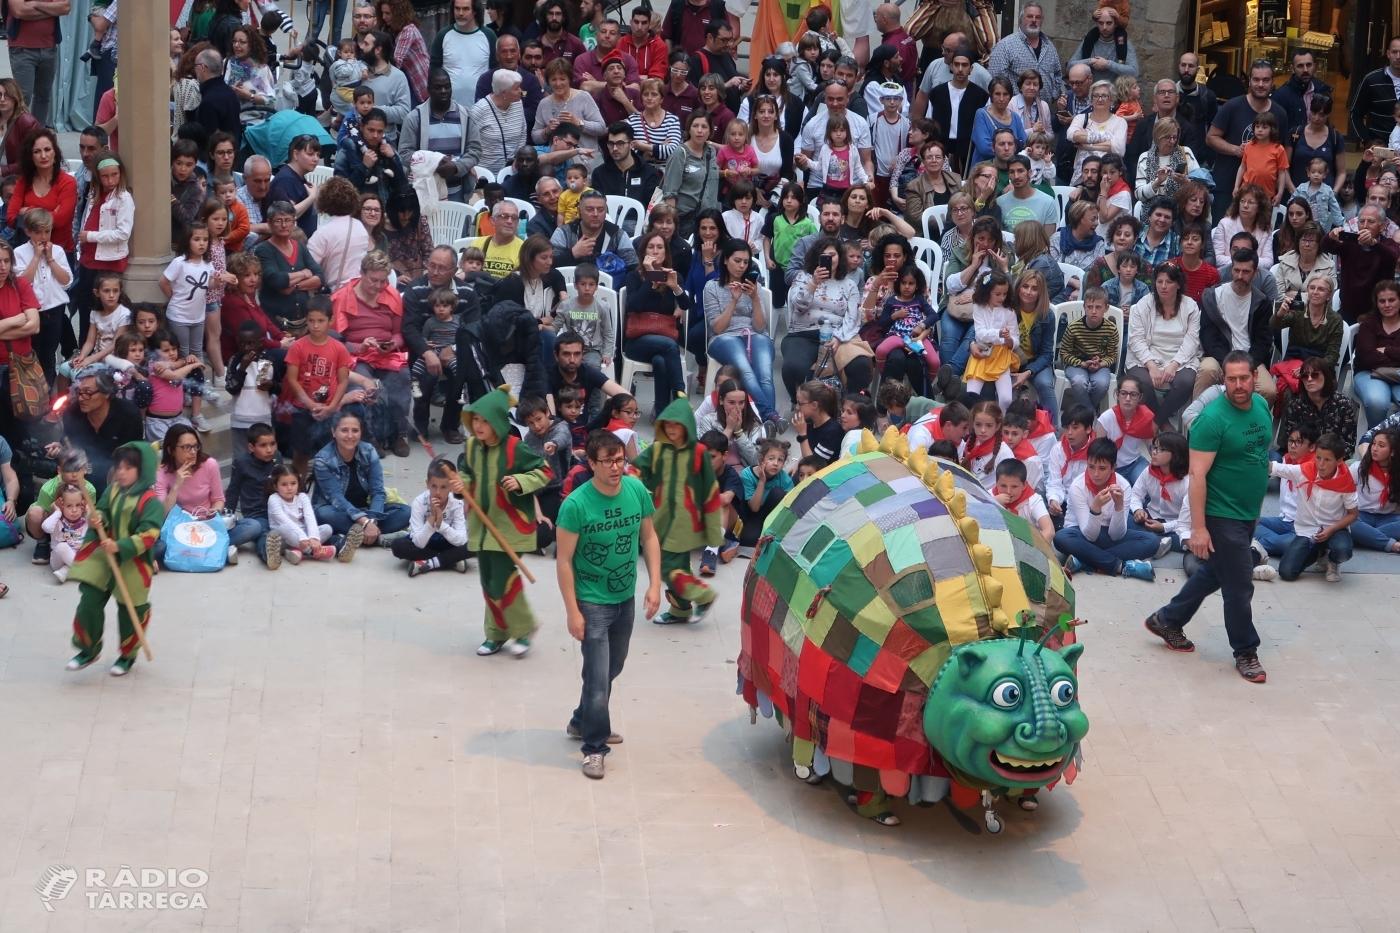 La cultura popular i la música prenen els carrers i places de Tàrrega en una altra Festa Major multitudinària